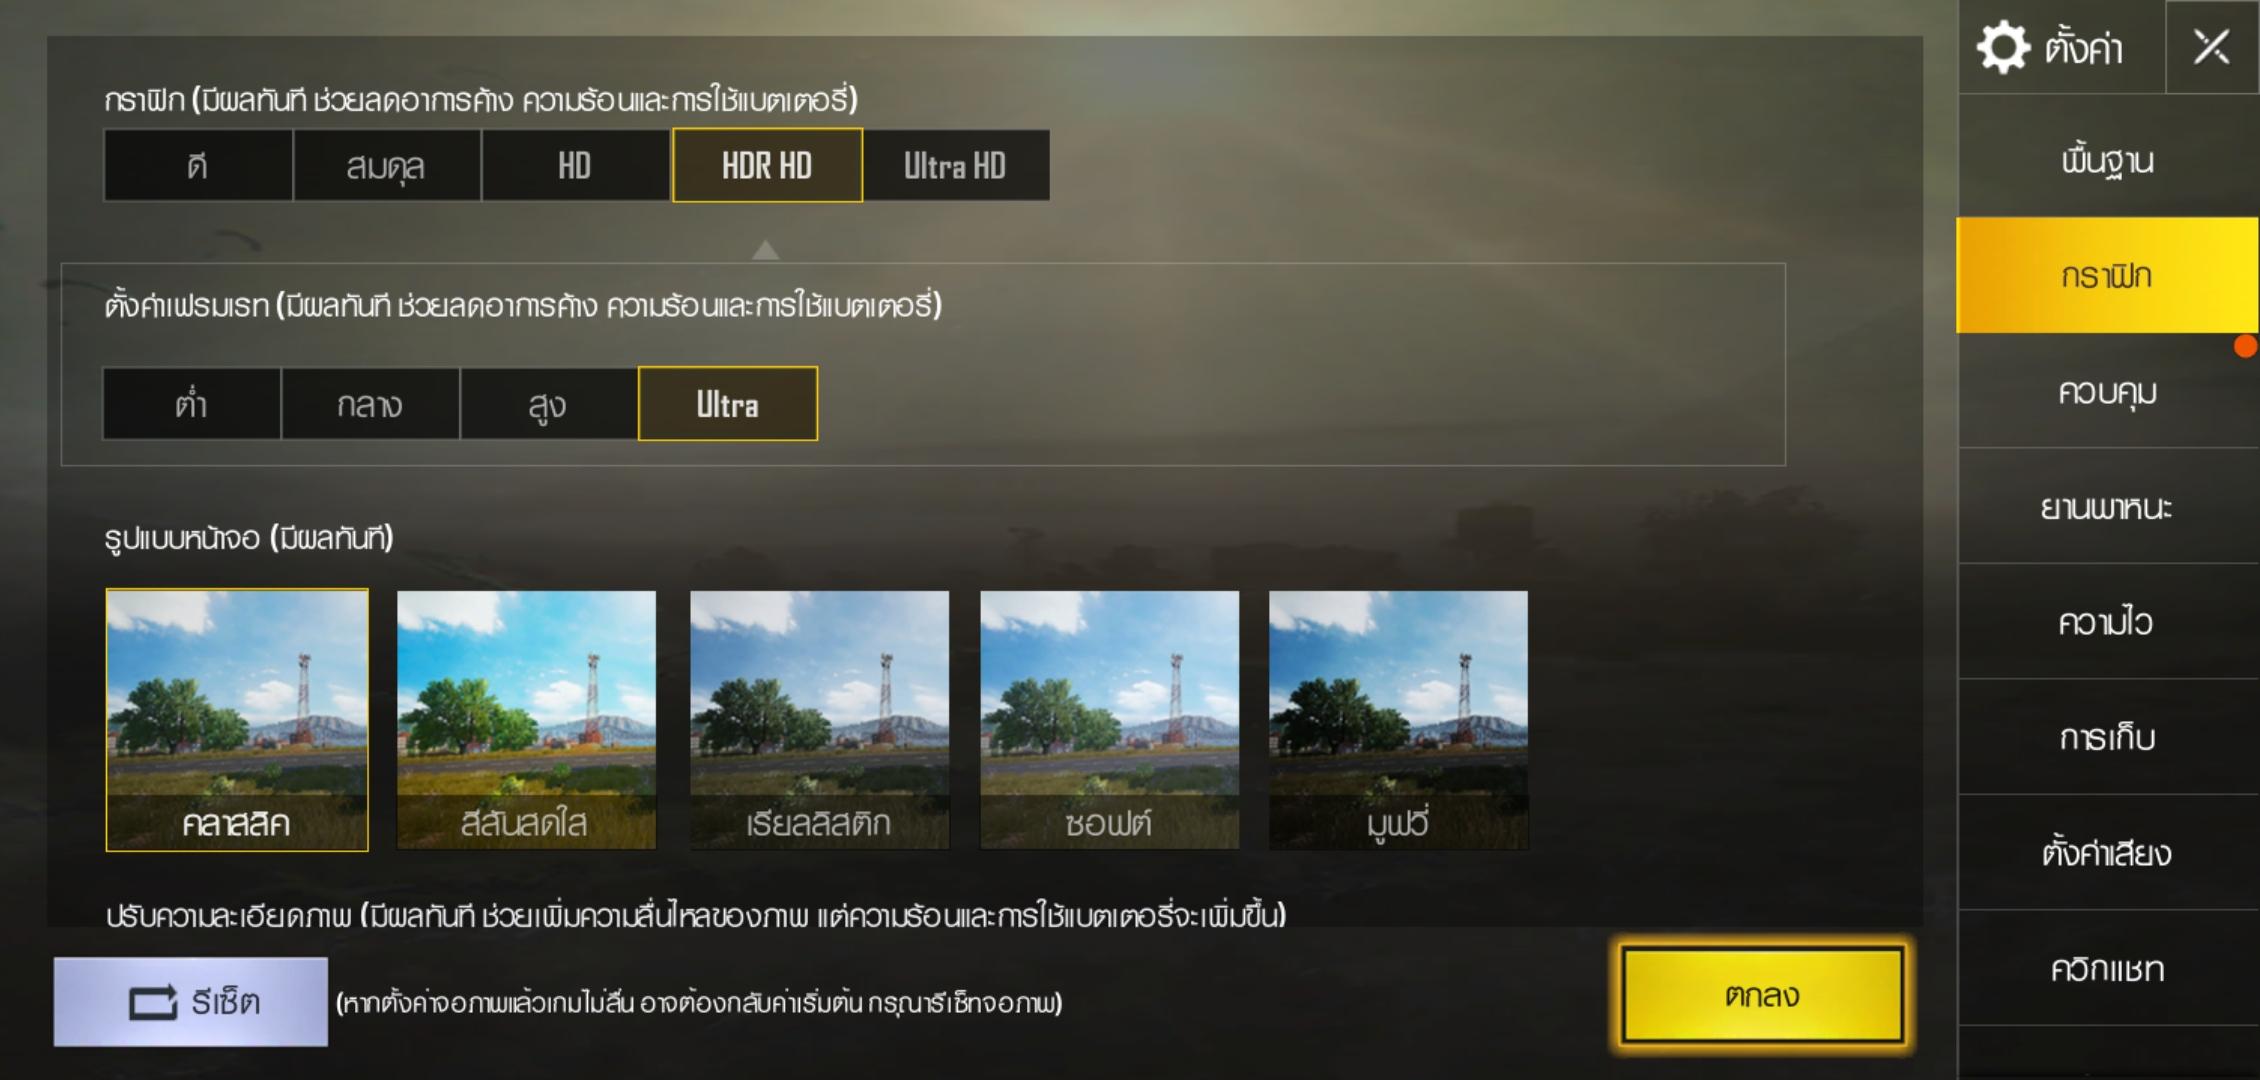 OnePlus 6T PUBG Mobile 2